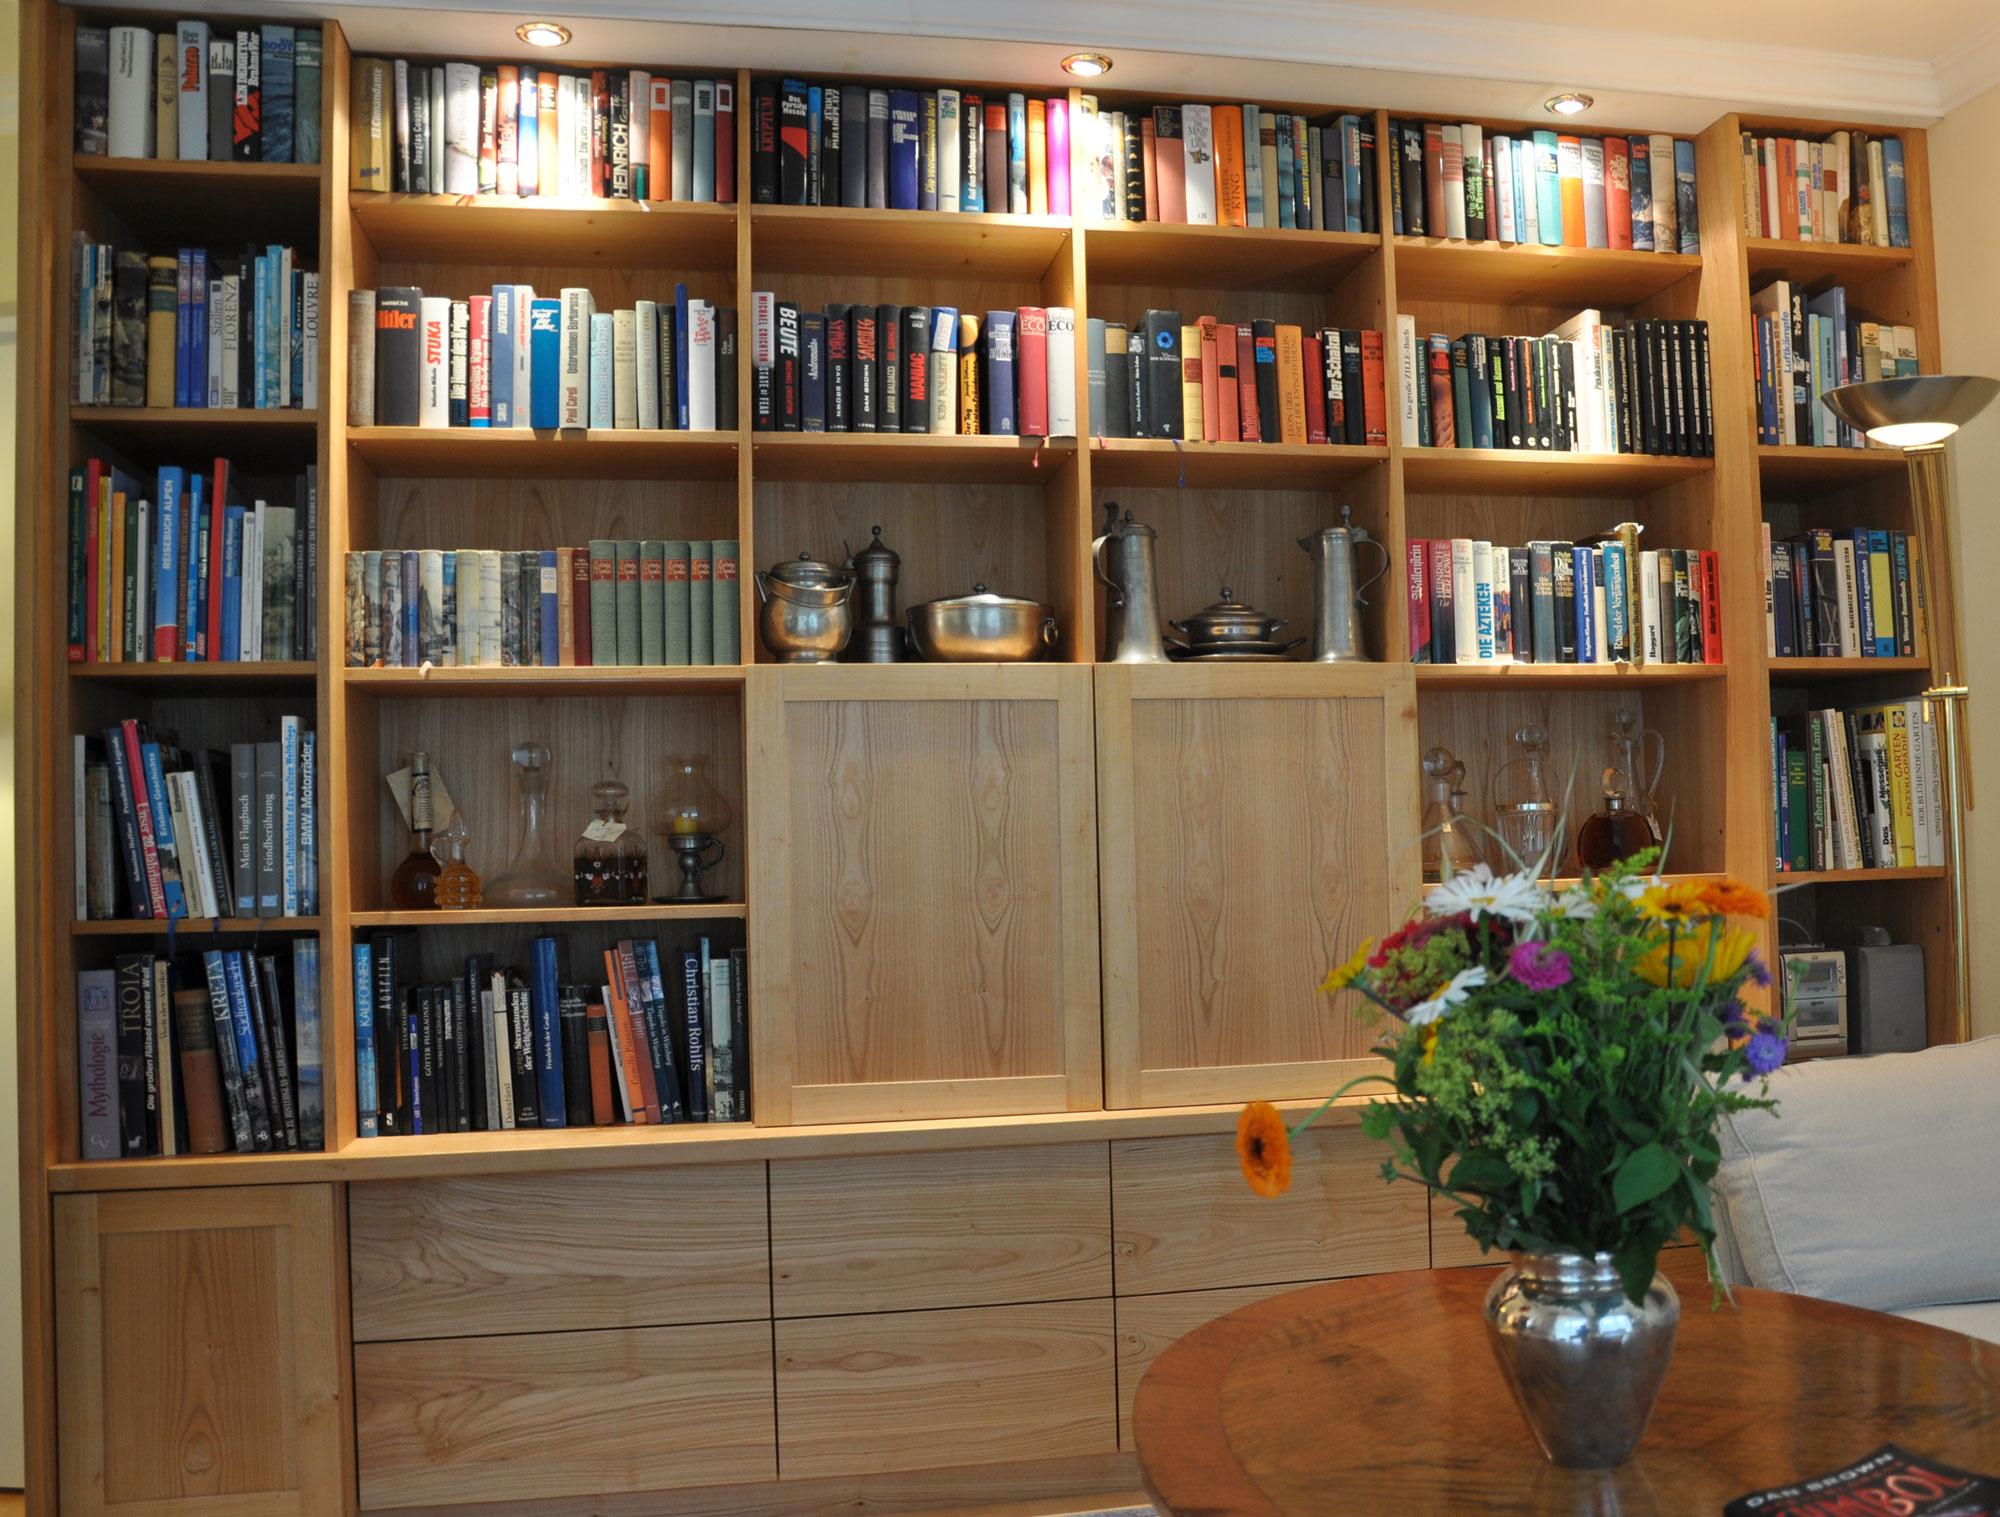 bibliotheken michael daschner schreinerei murnau. Black Bedroom Furniture Sets. Home Design Ideas